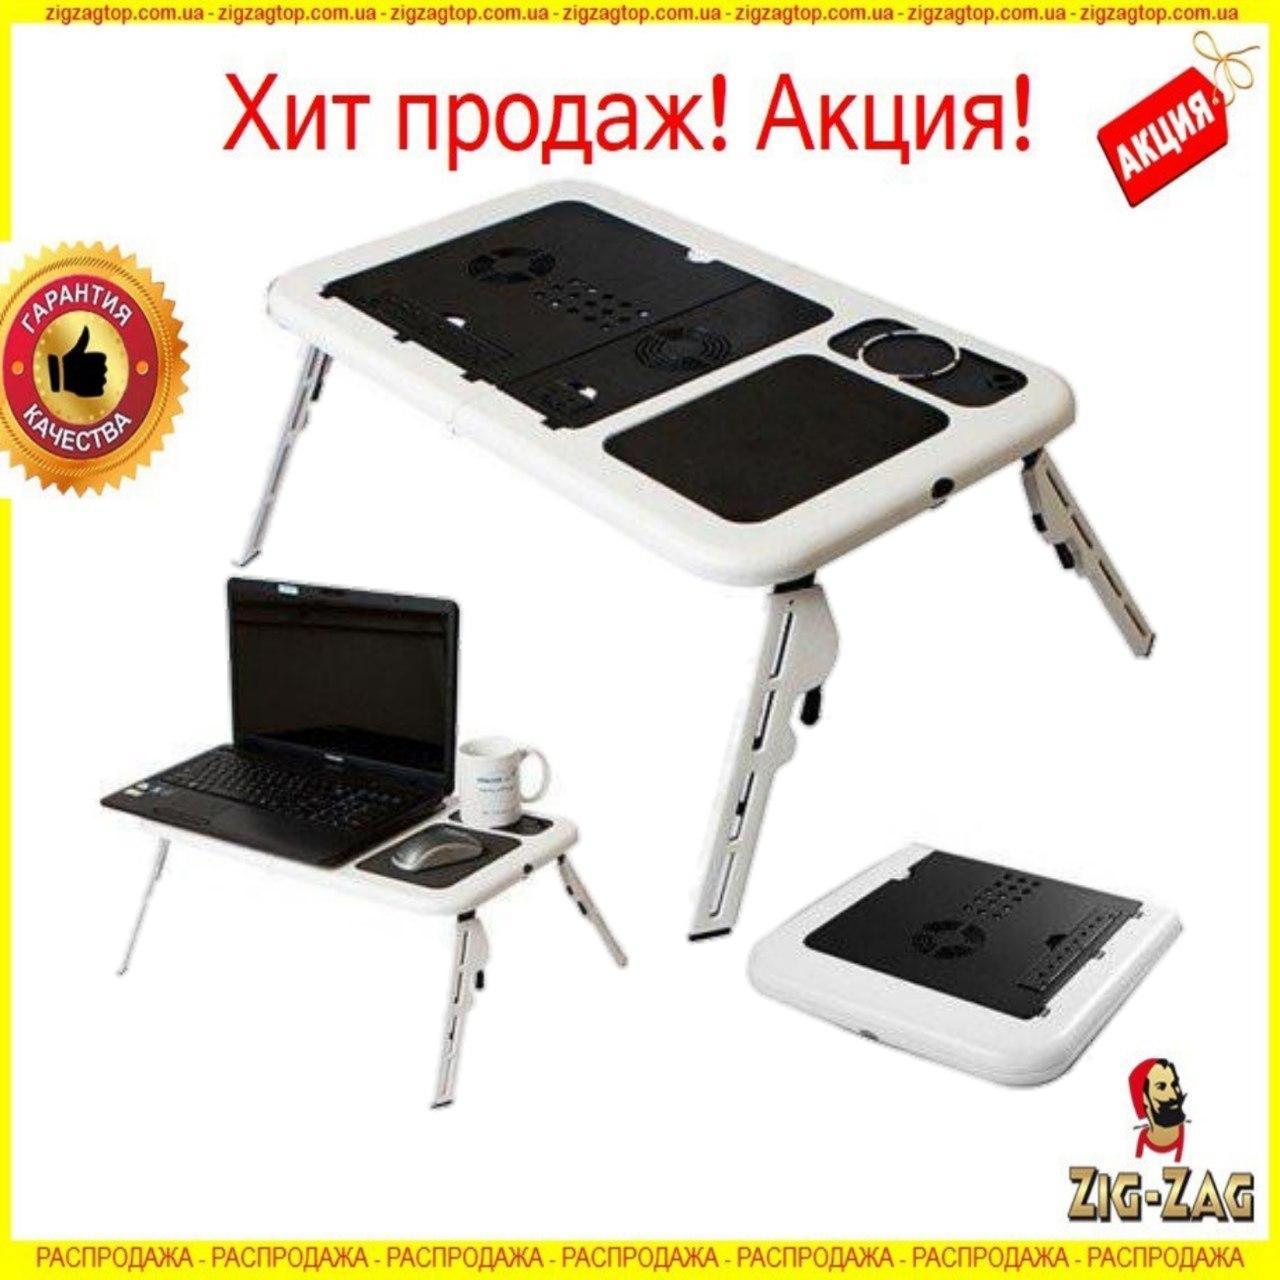 Портативный Складной столик для Ноутбука с Охлаждением с Кулером E-Table LD09 Многофункциональный Для Дома